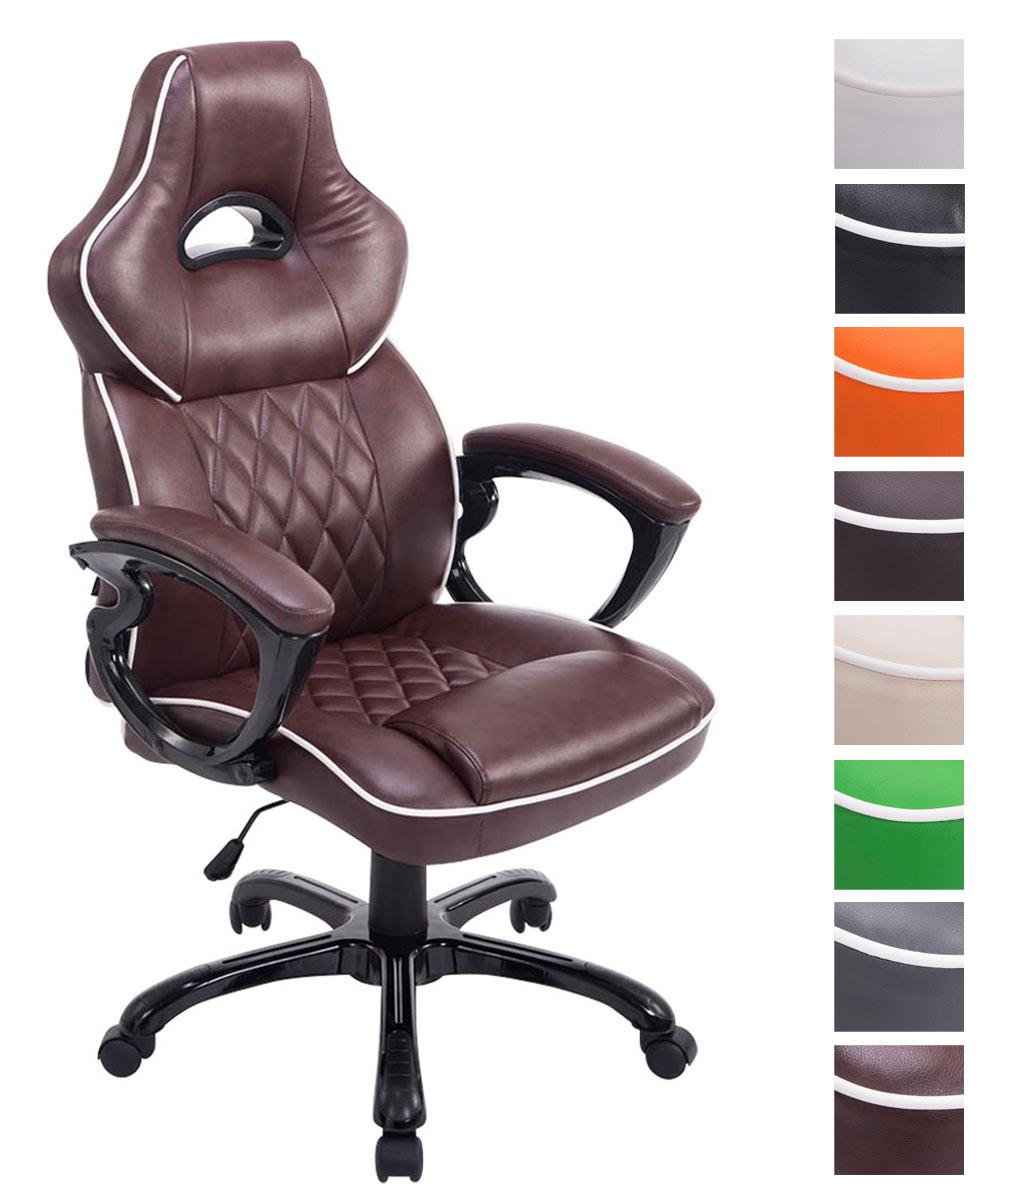 fauteuil de bureau big xxx pivotant travail chaise pais roue r glable accoudoir ebay. Black Bedroom Furniture Sets. Home Design Ideas